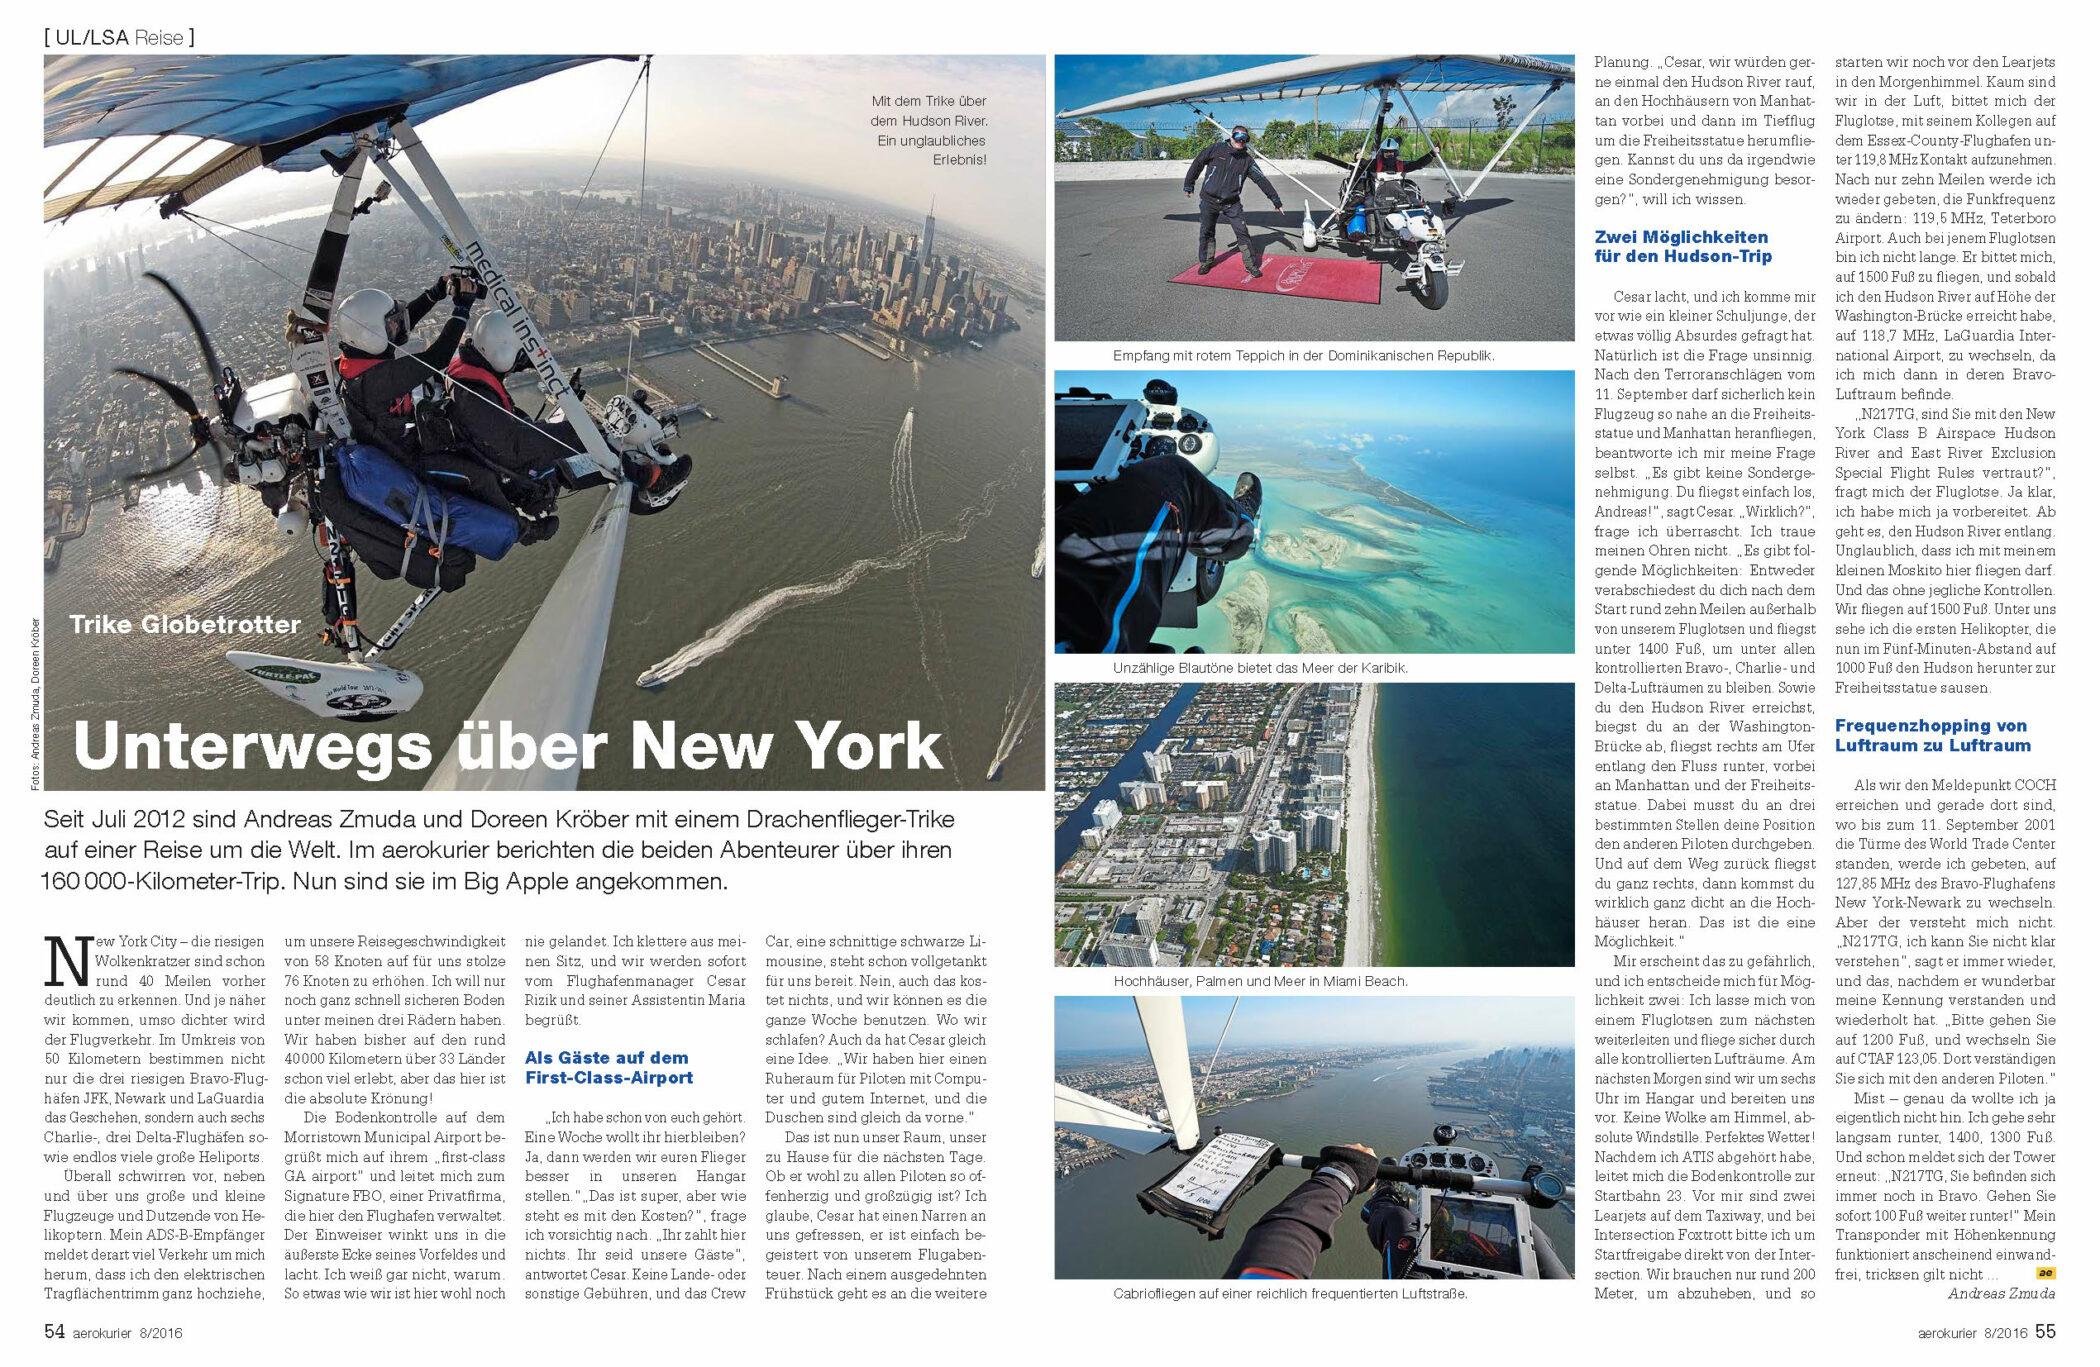 Trike Globetrotter - Unterwegs über New York